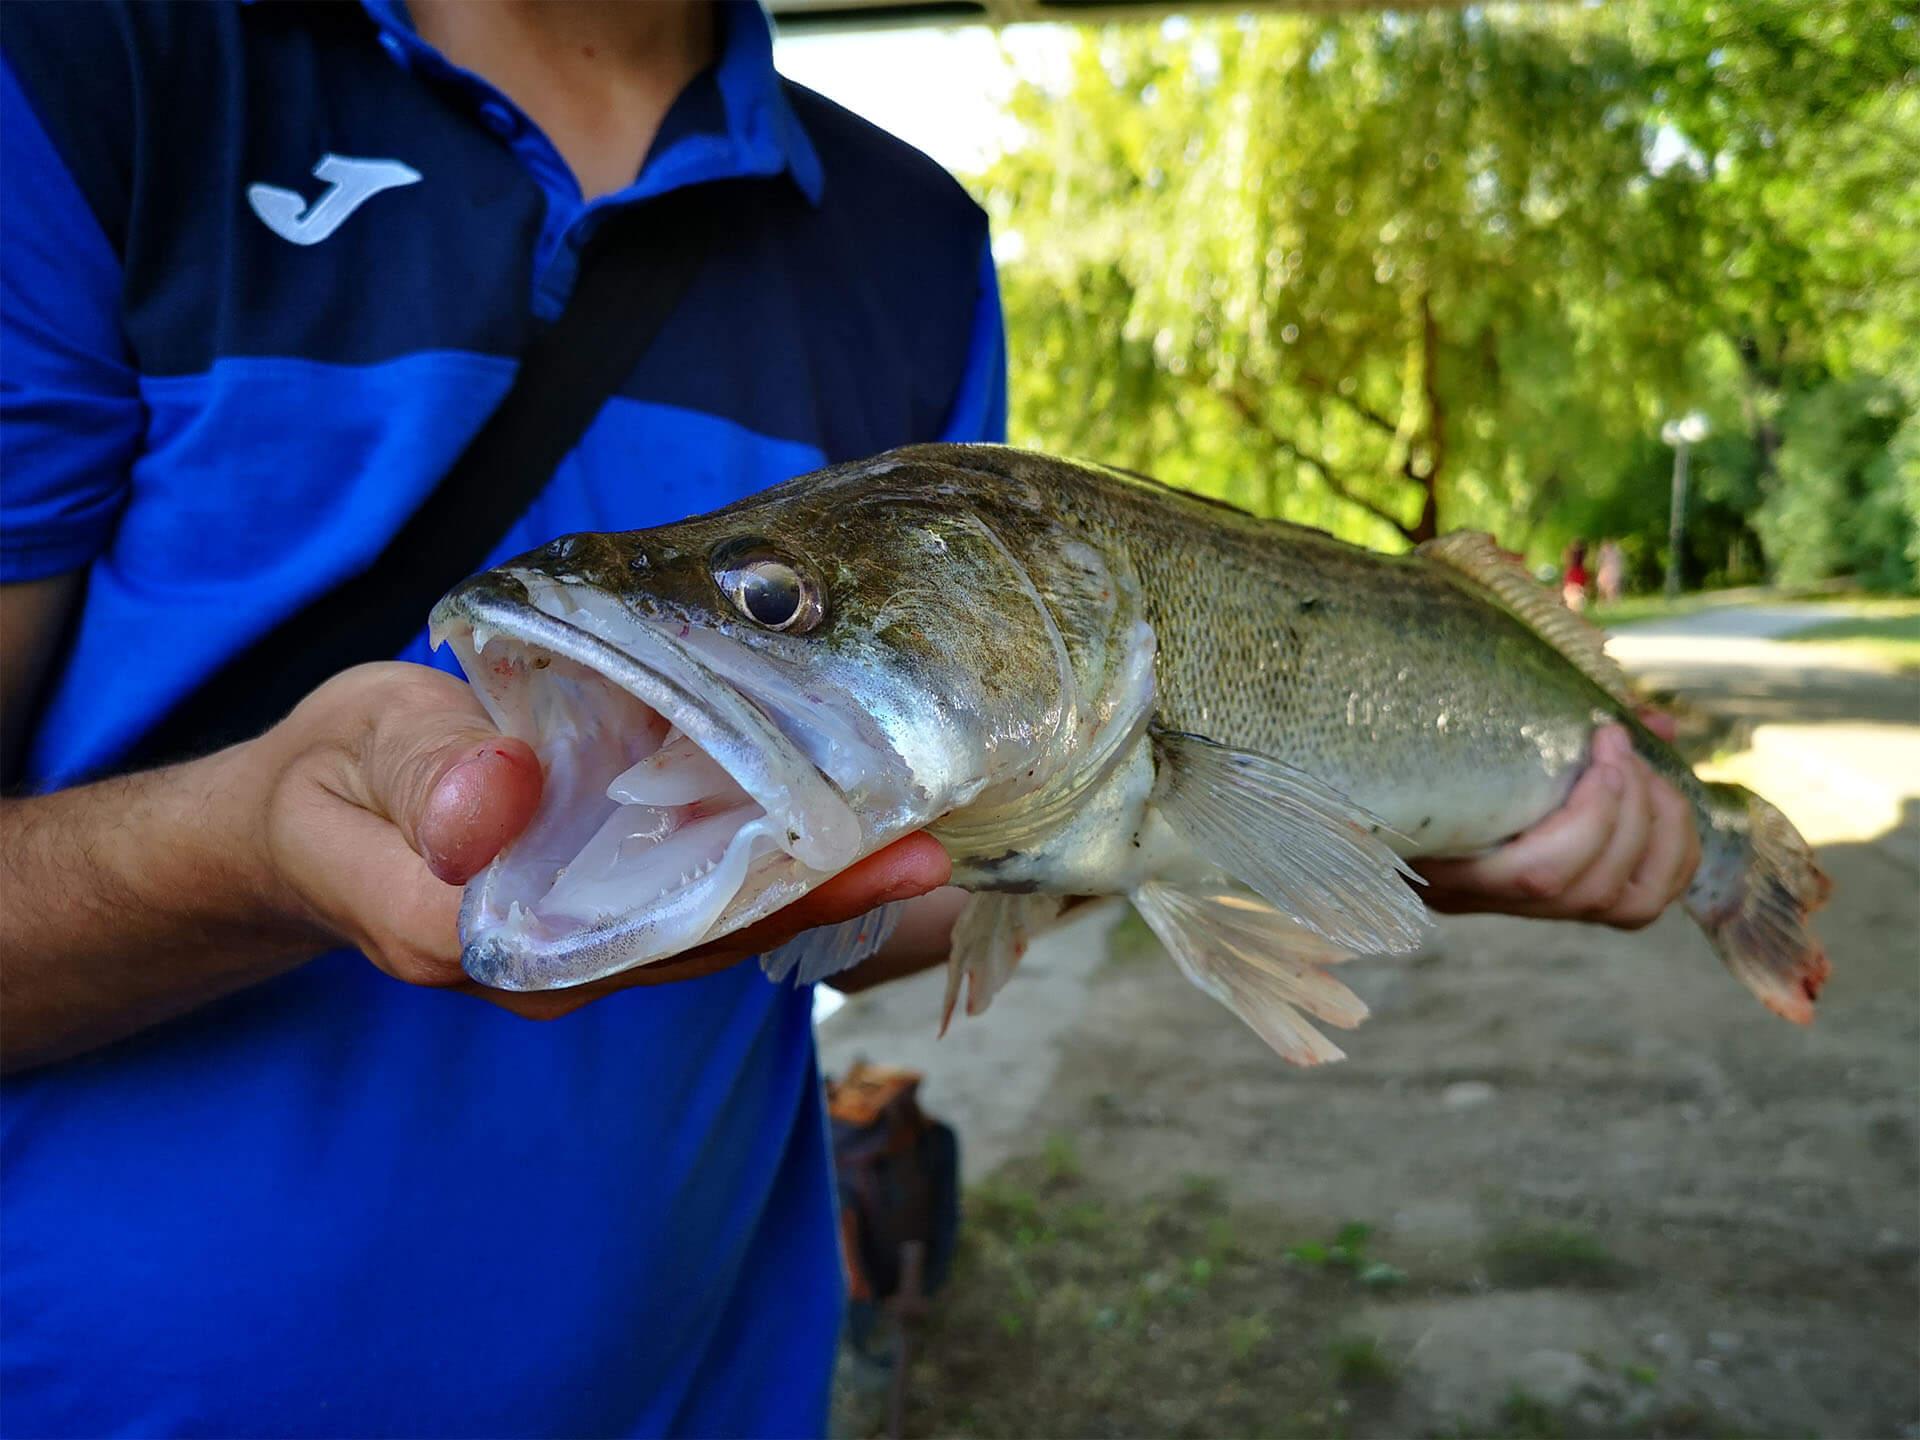 captura specii de pesti rapitori - salau